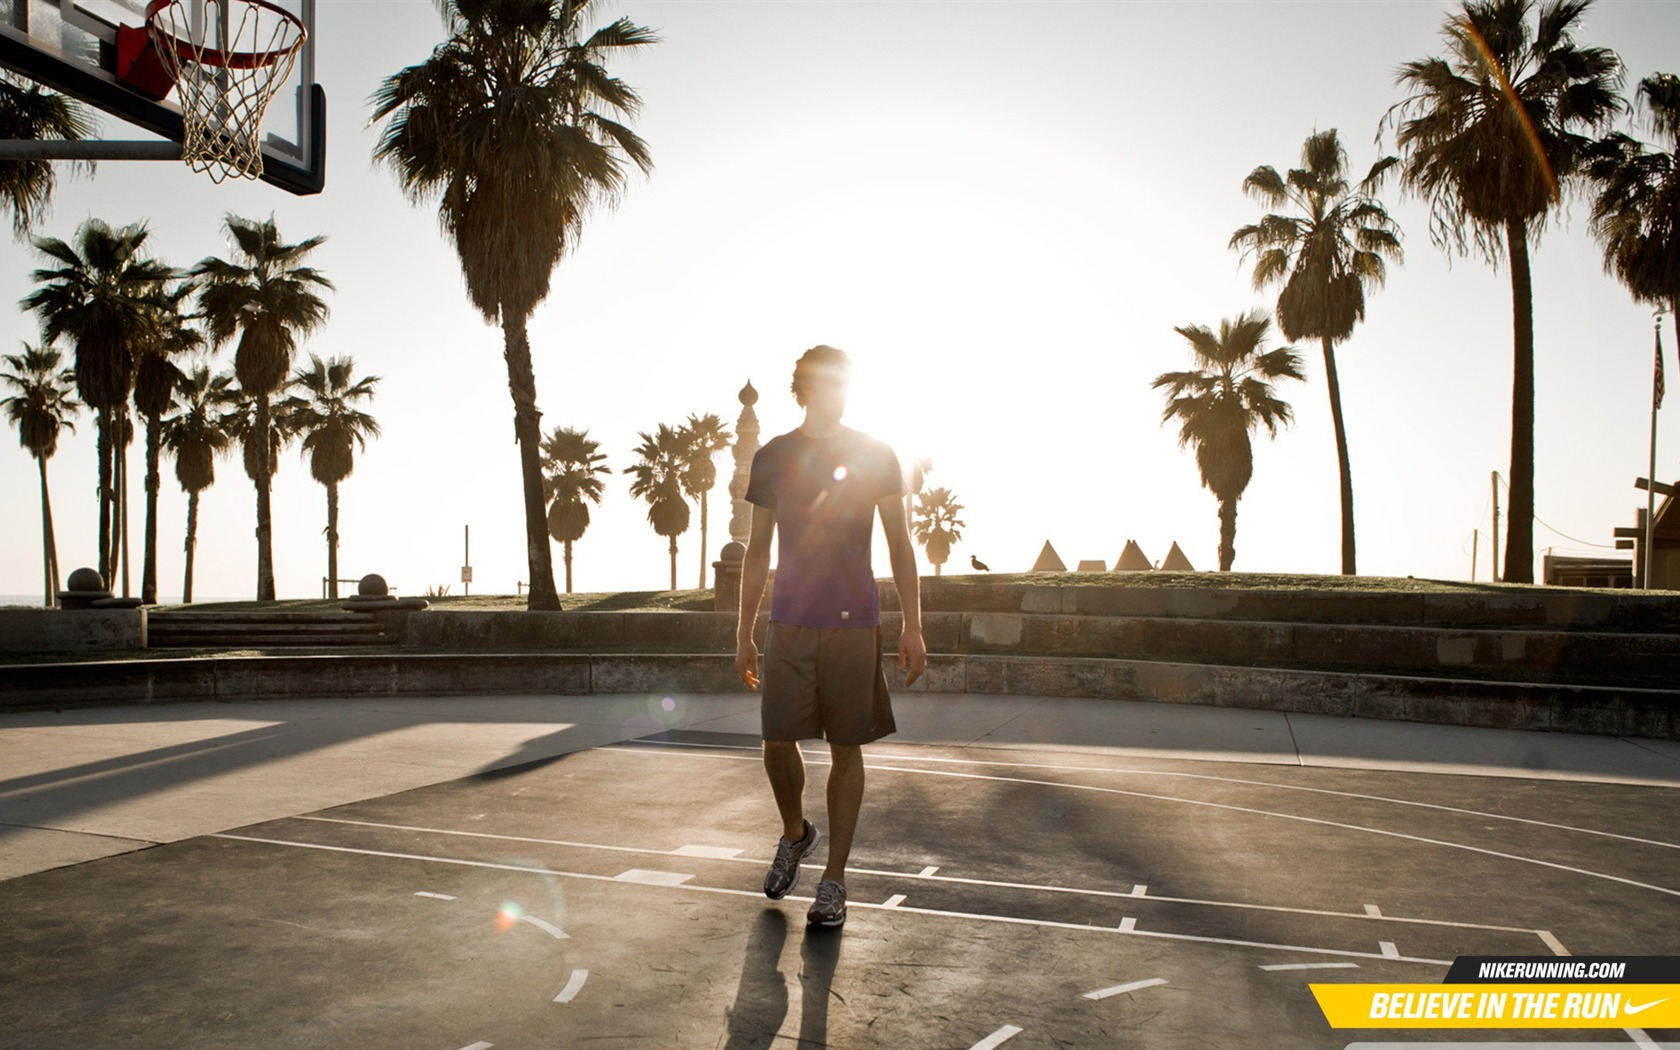 加索尔篮球场-魅力篮球运动桌面壁纸预览 | 10wallpaper.com